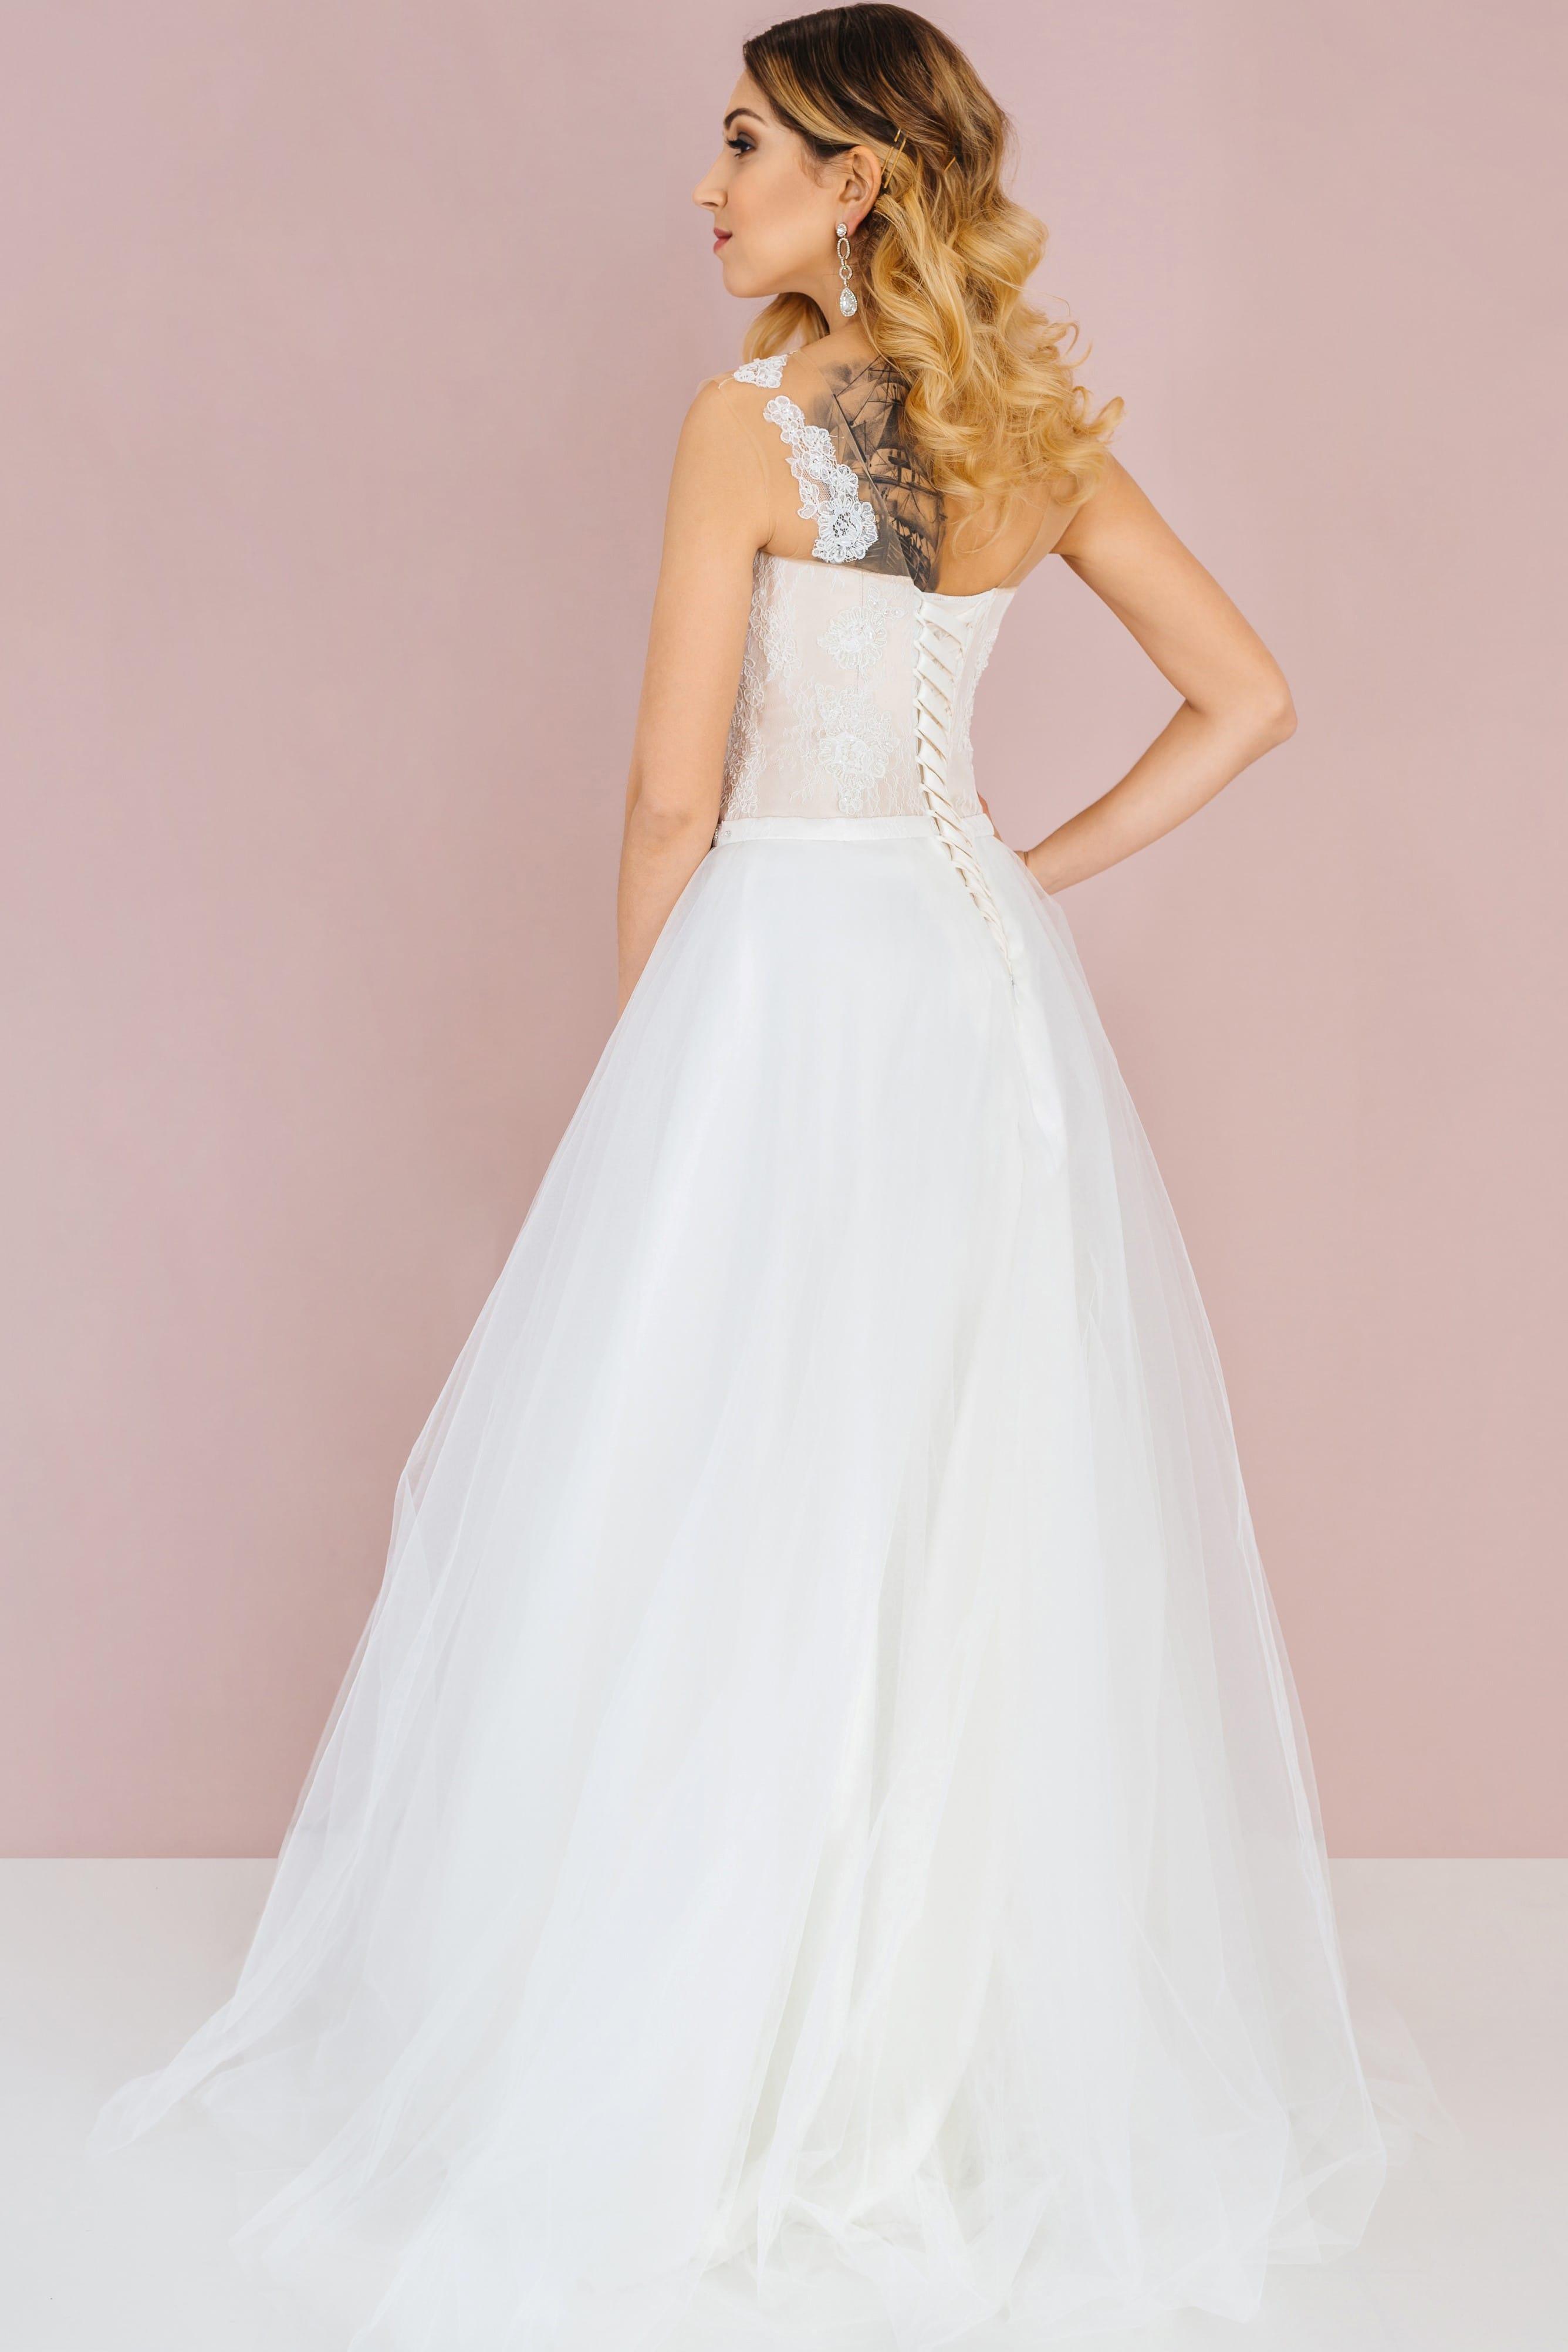 Свадебное платье FLORA, коллекция LOFT, бренд RARE BRIDAL, фото 3